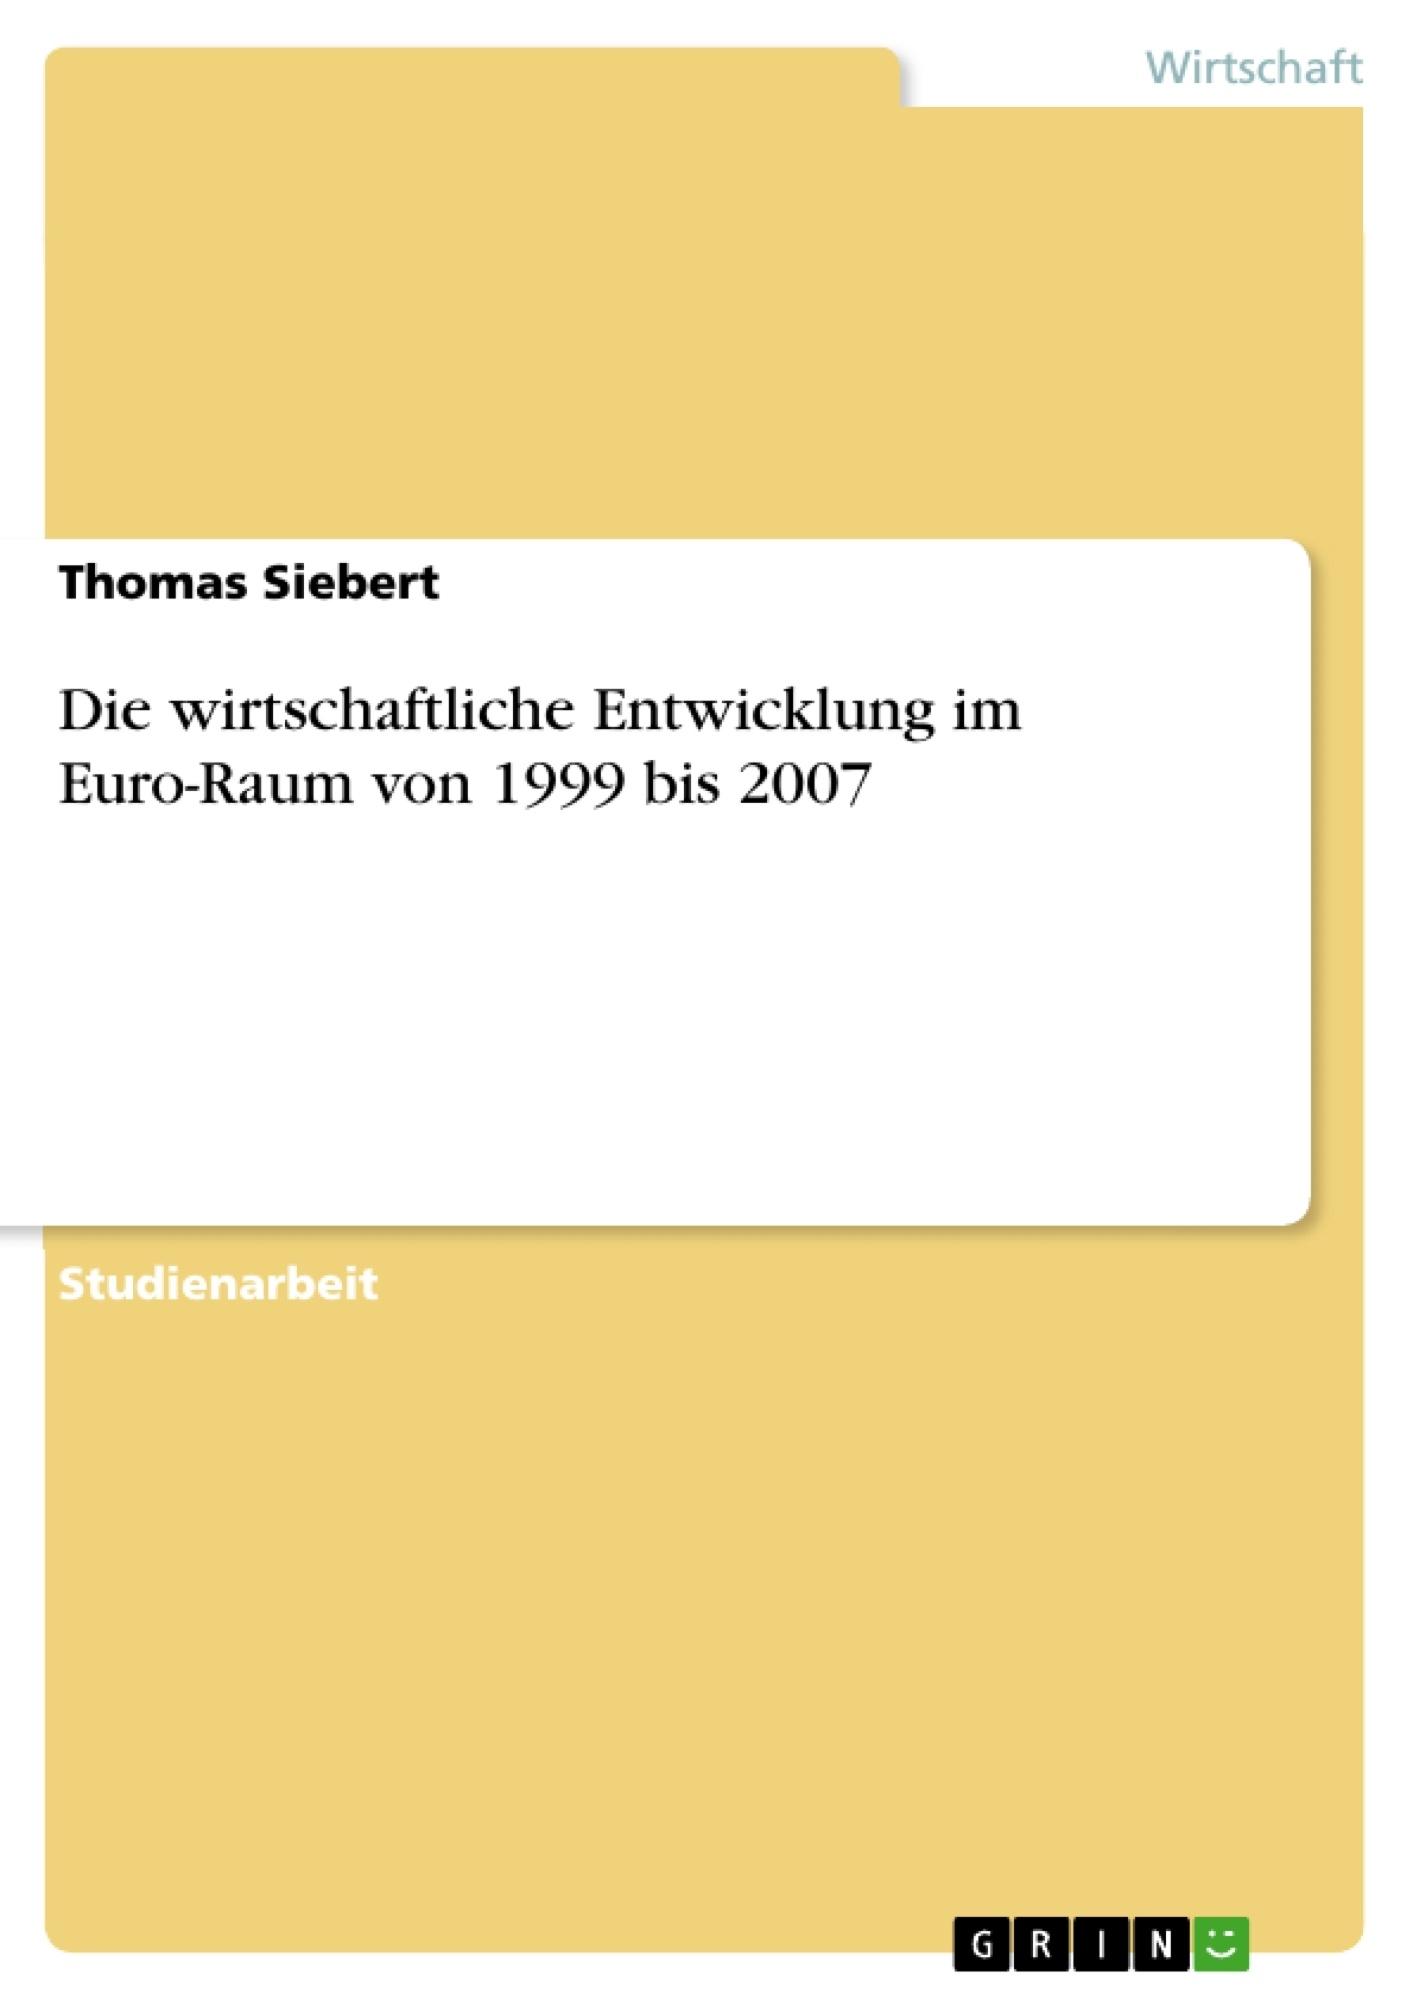 Titel: Die wirtschaftliche Entwicklung im Euro-Raum von 1999 bis 2007